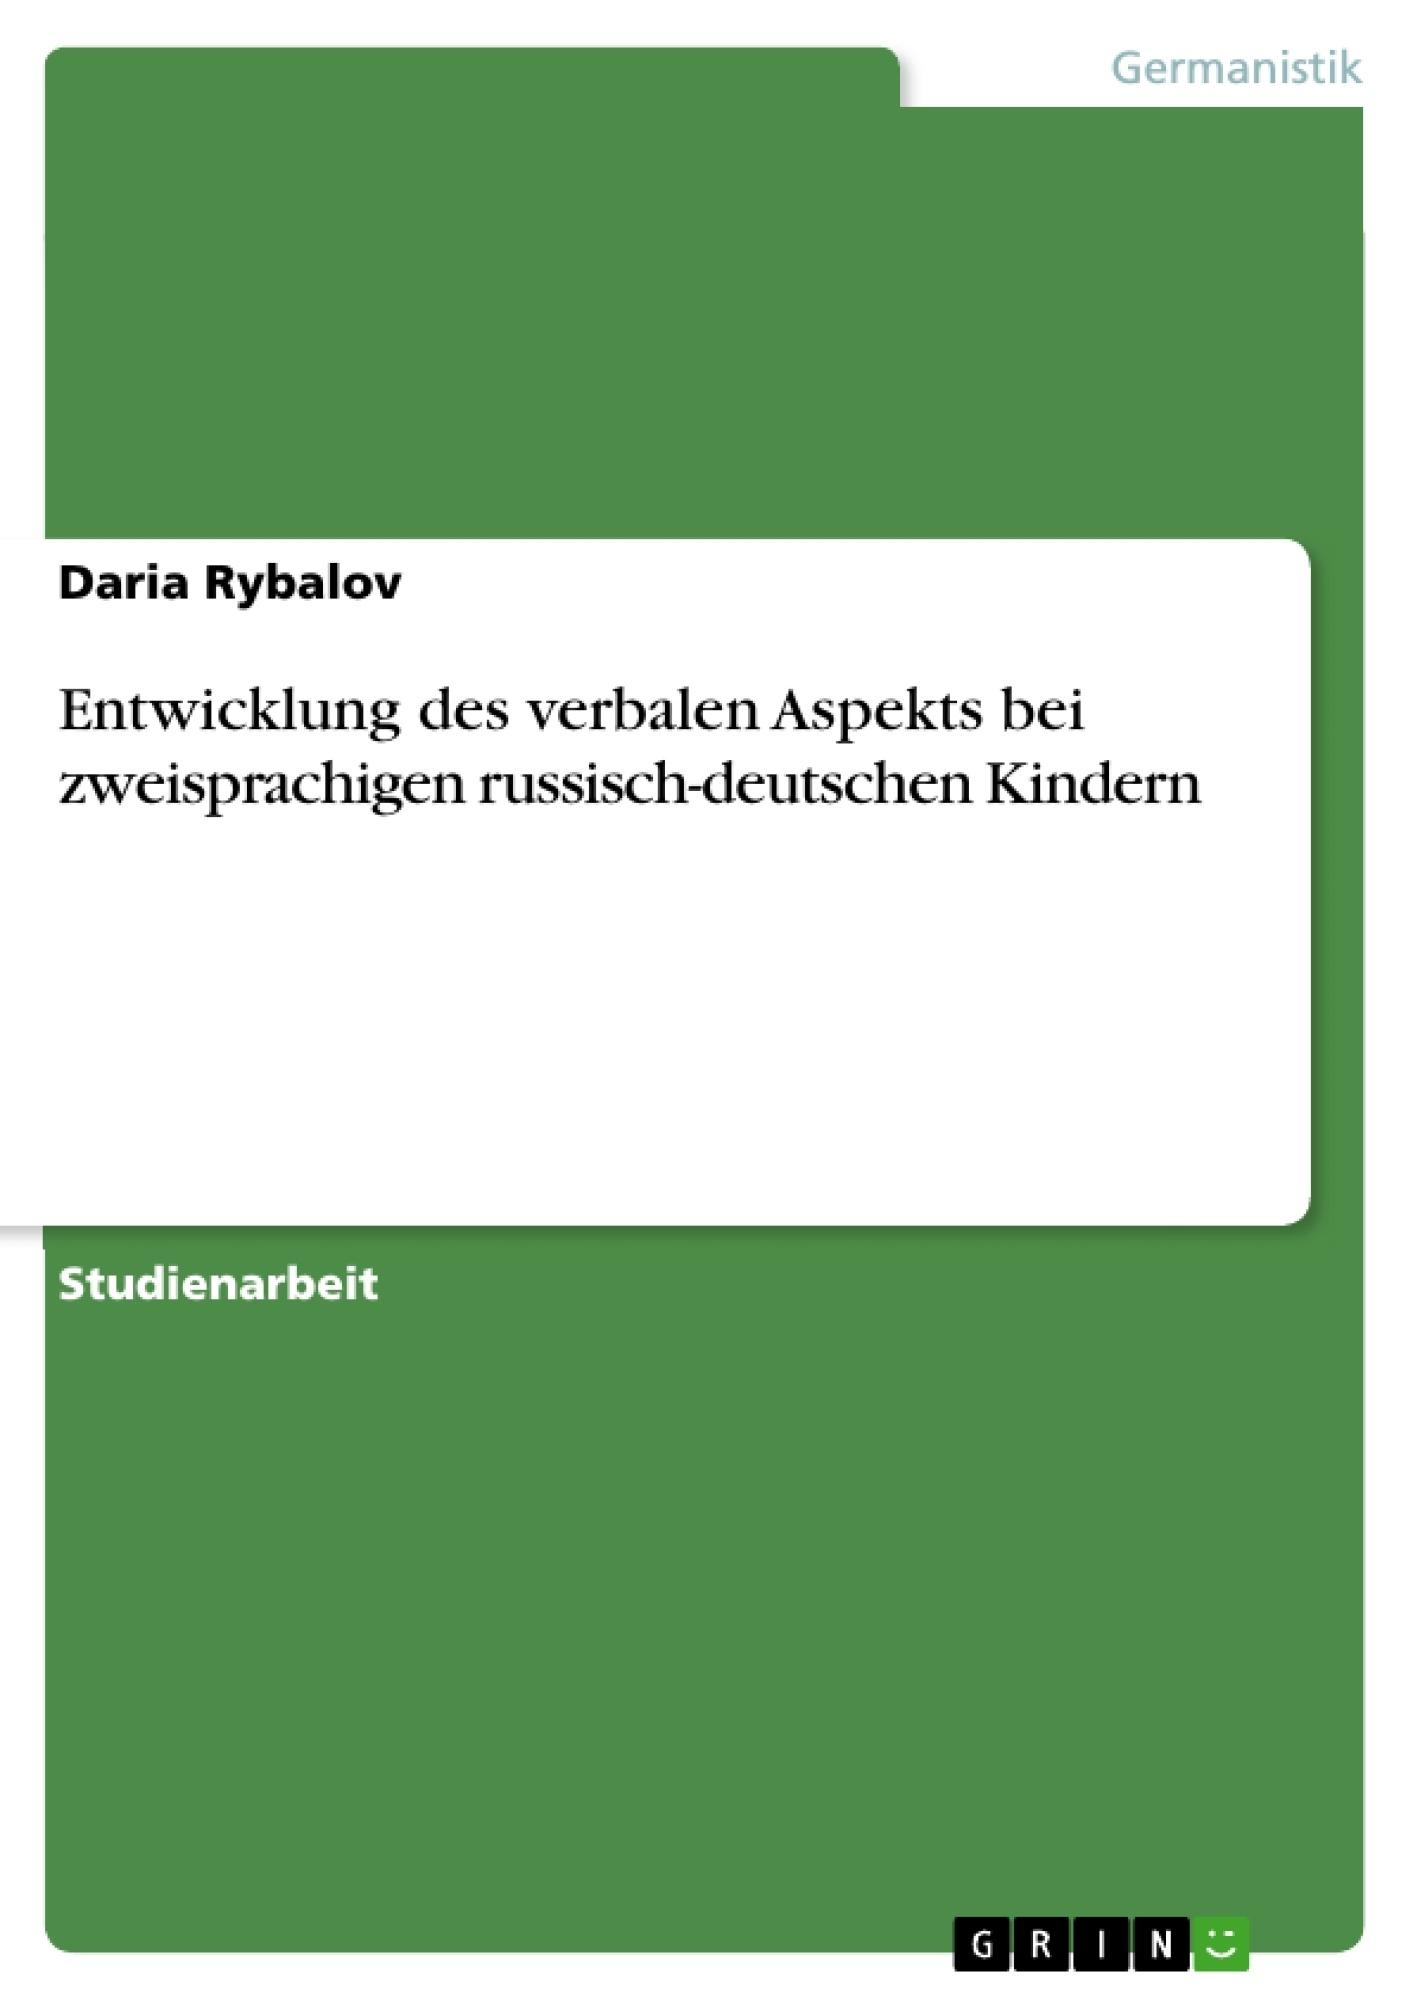 Titel: Entwicklung des verbalen Aspekts bei zweisprachigen russisch-deutschen Kindern